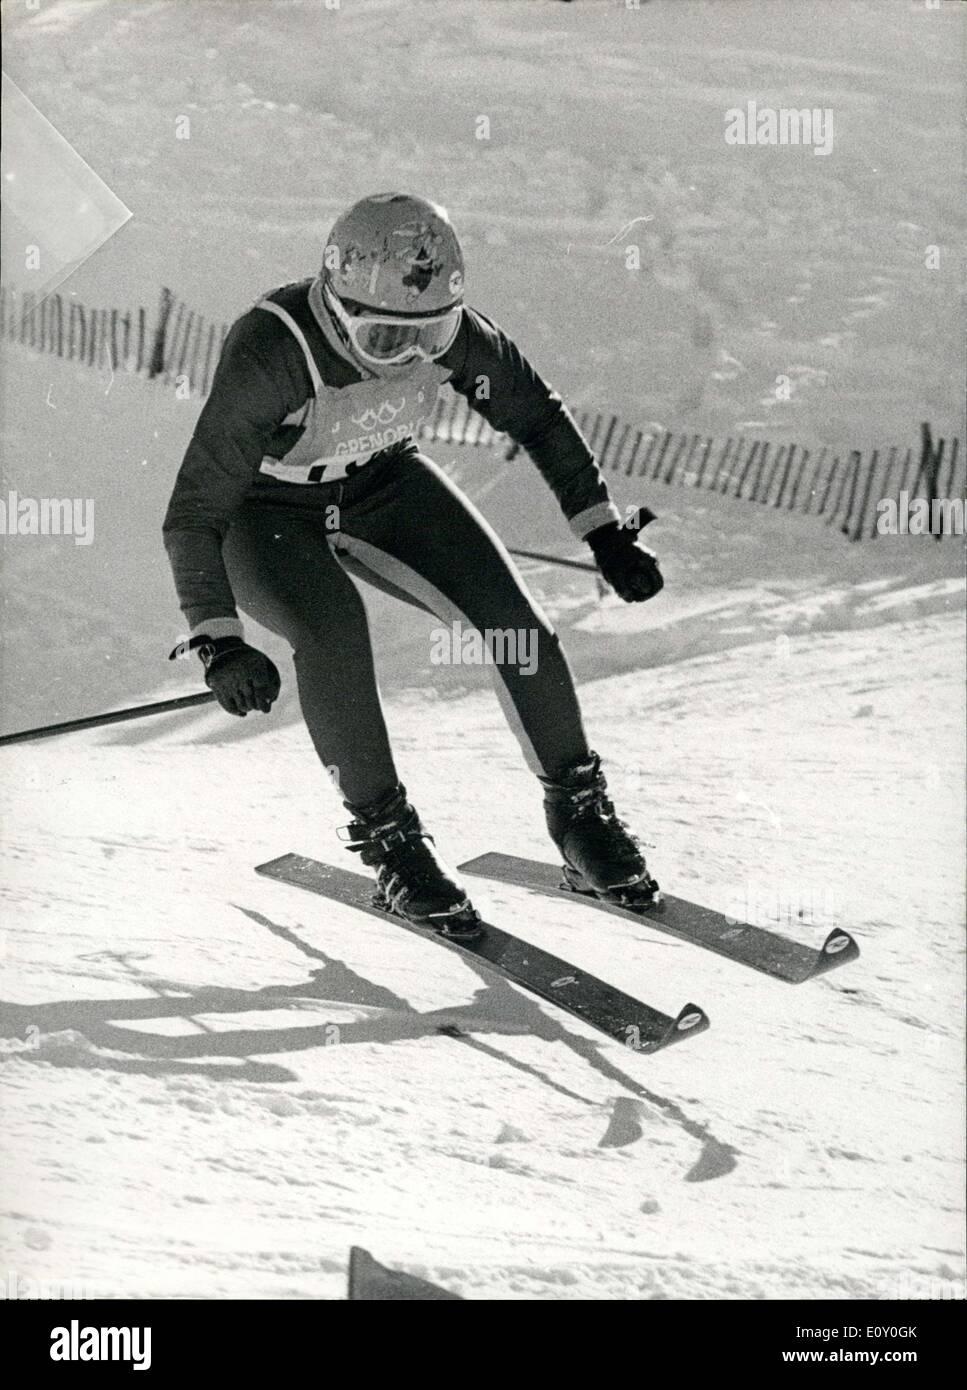 Febrero 11 1968 El Es Durante Los Juegos Olimpicos De Invierno